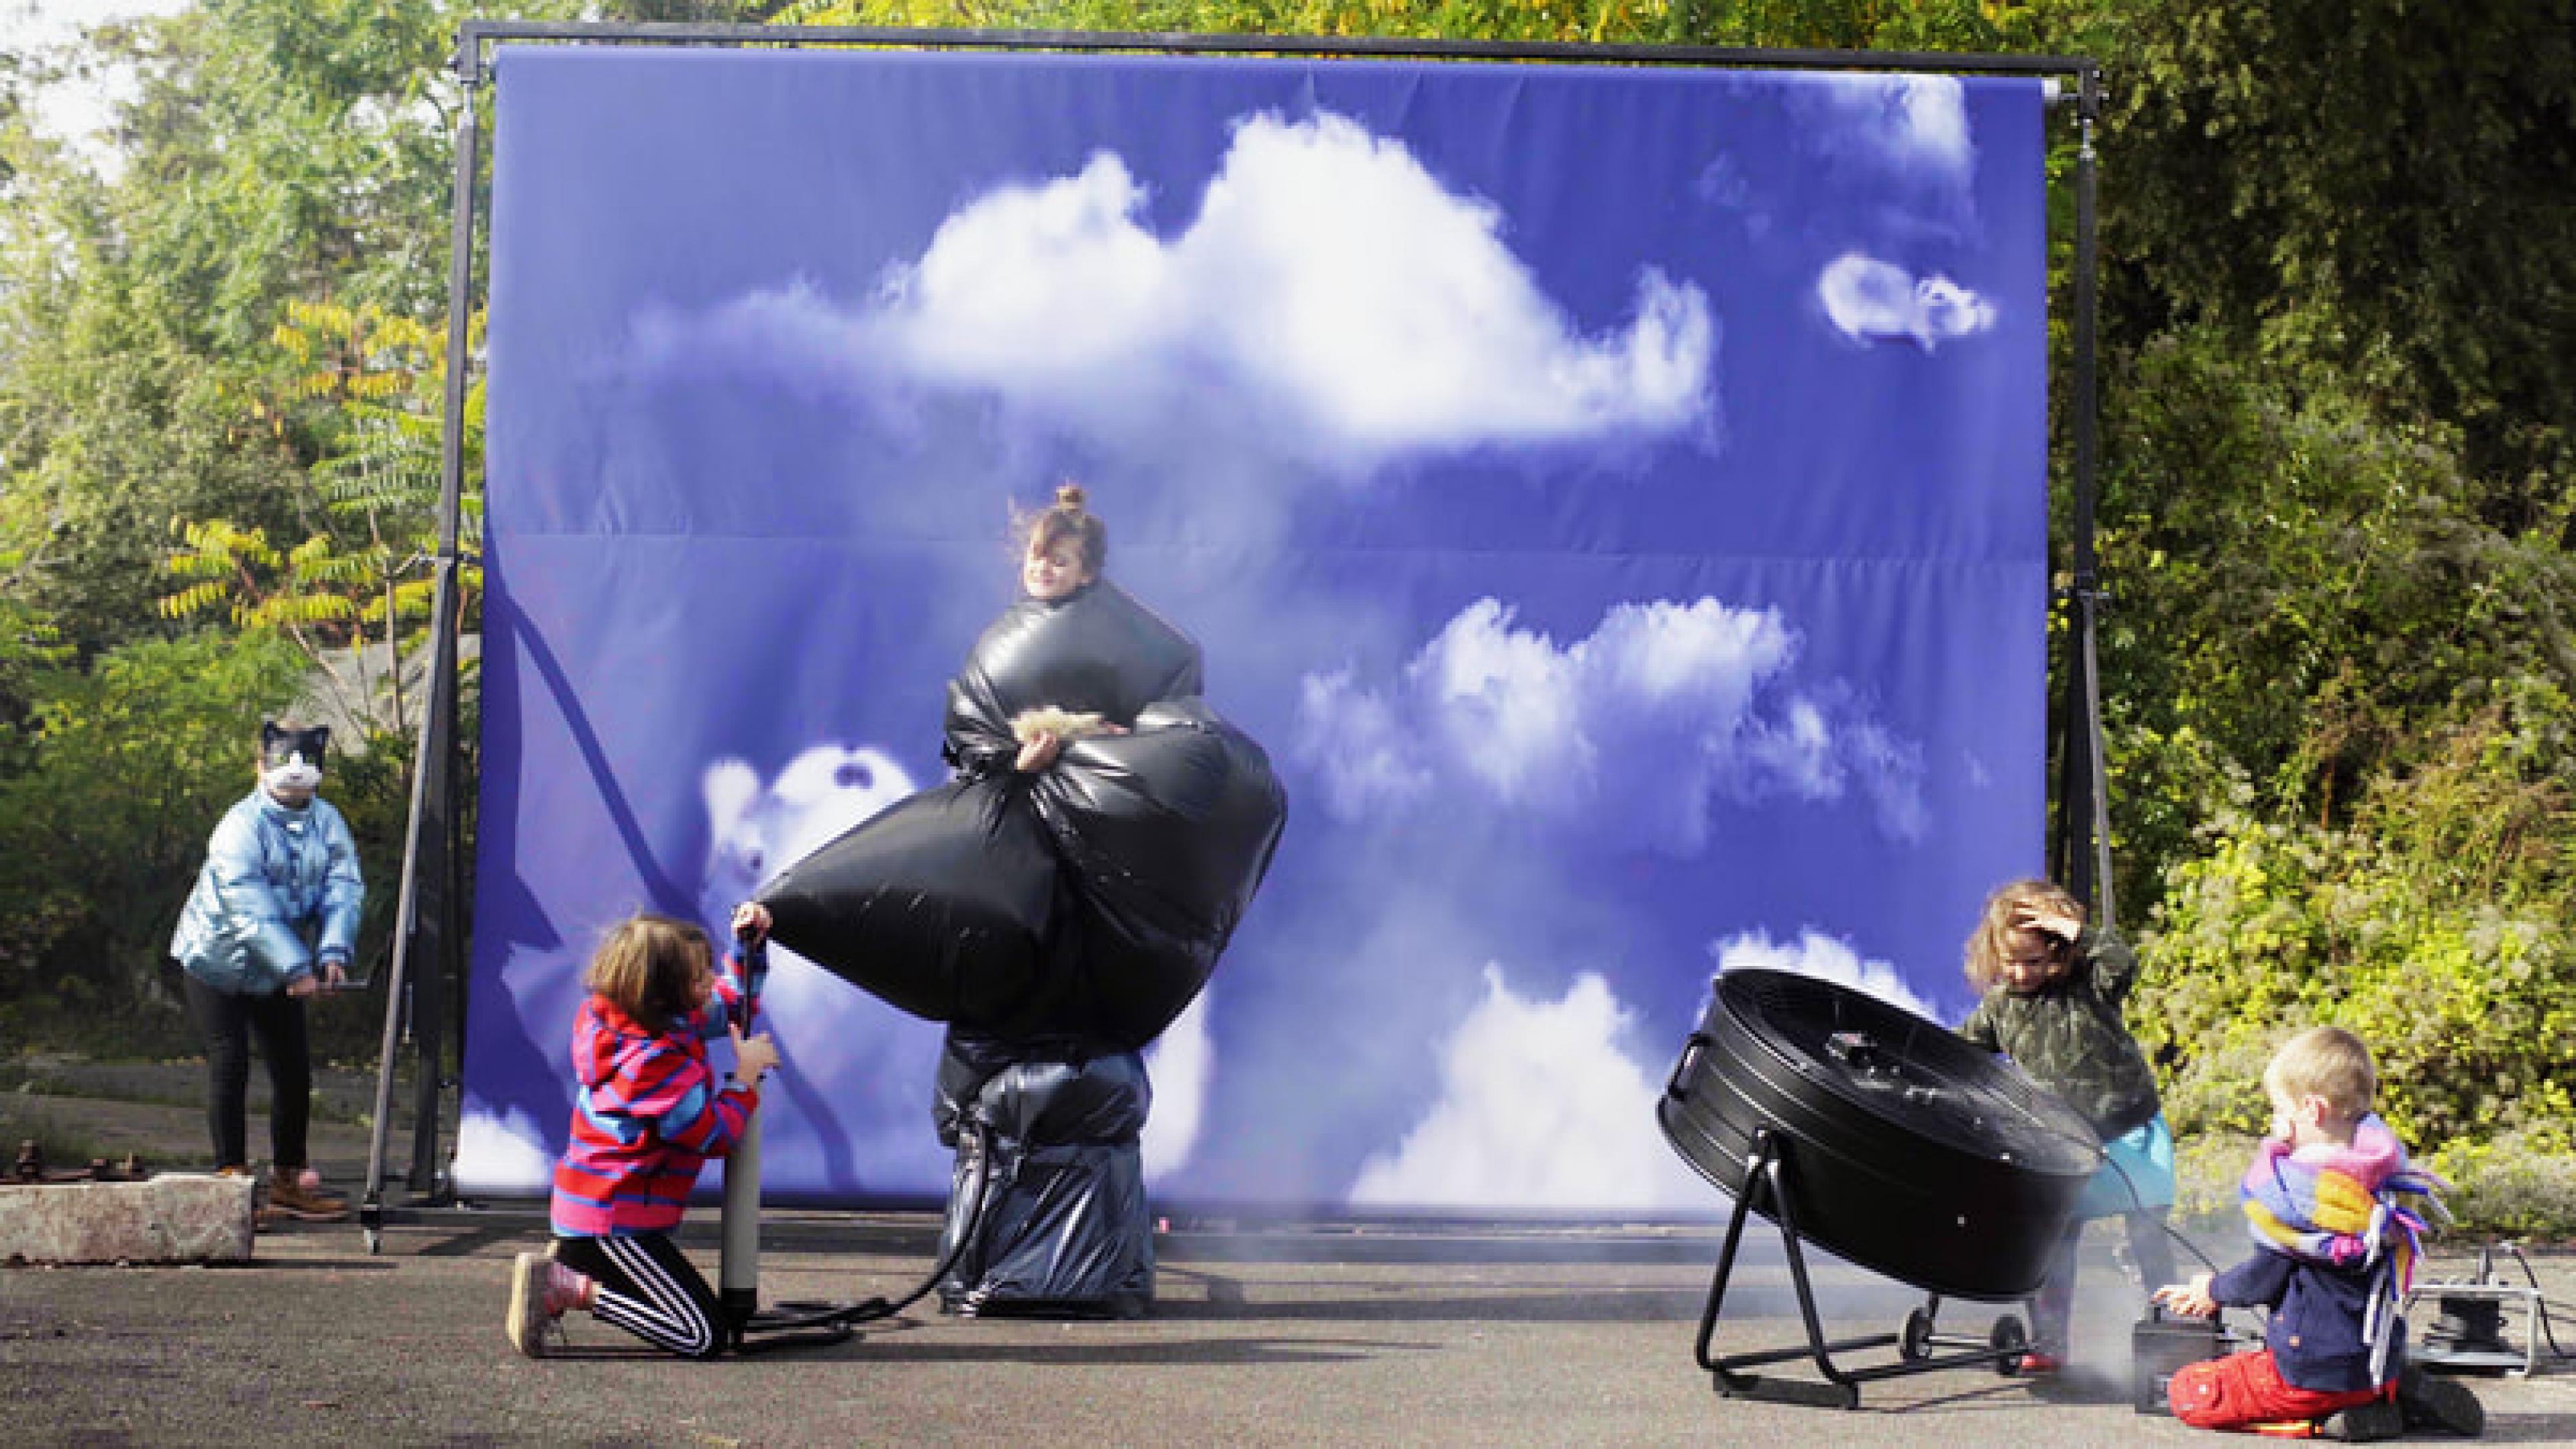 Fünf Kinder drehen in einem Filmset, im Hintergrund eine Leinwand mit Abspann, rechts steht eine Windemaschine.